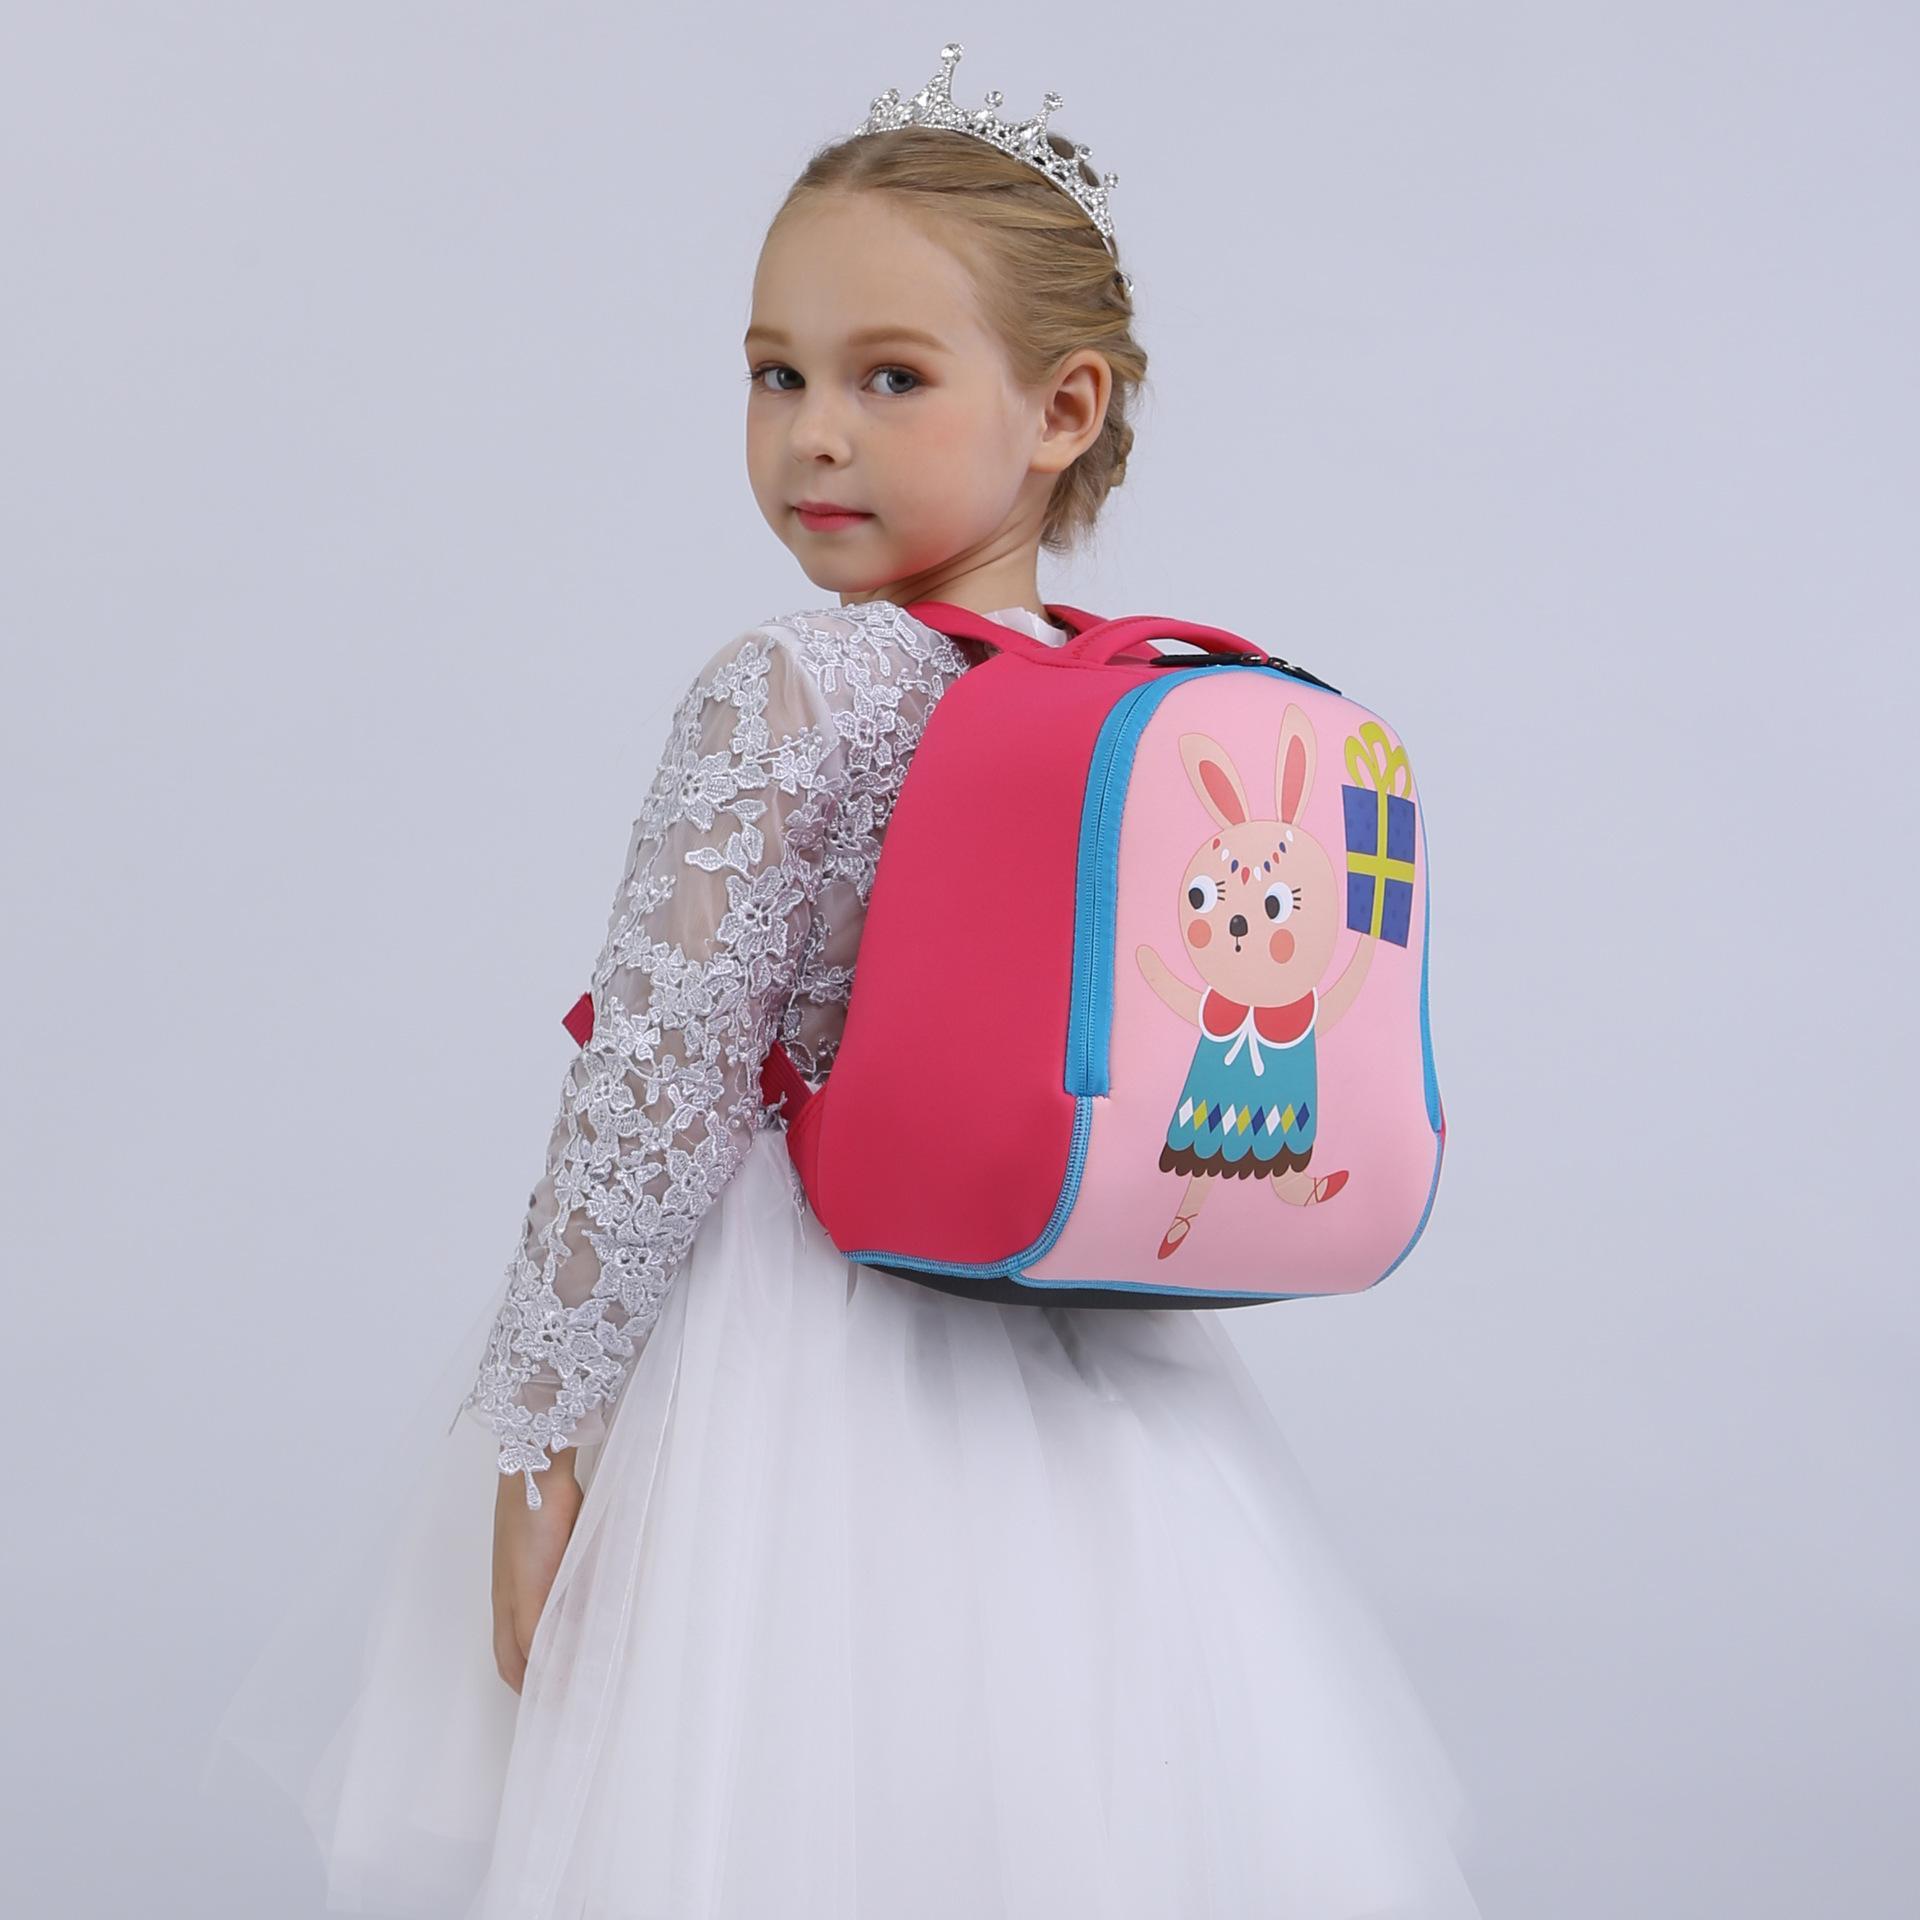 Balo đi học trẻ em siêu nhẹ cho bé 1-3 tuổi Nhật Bản